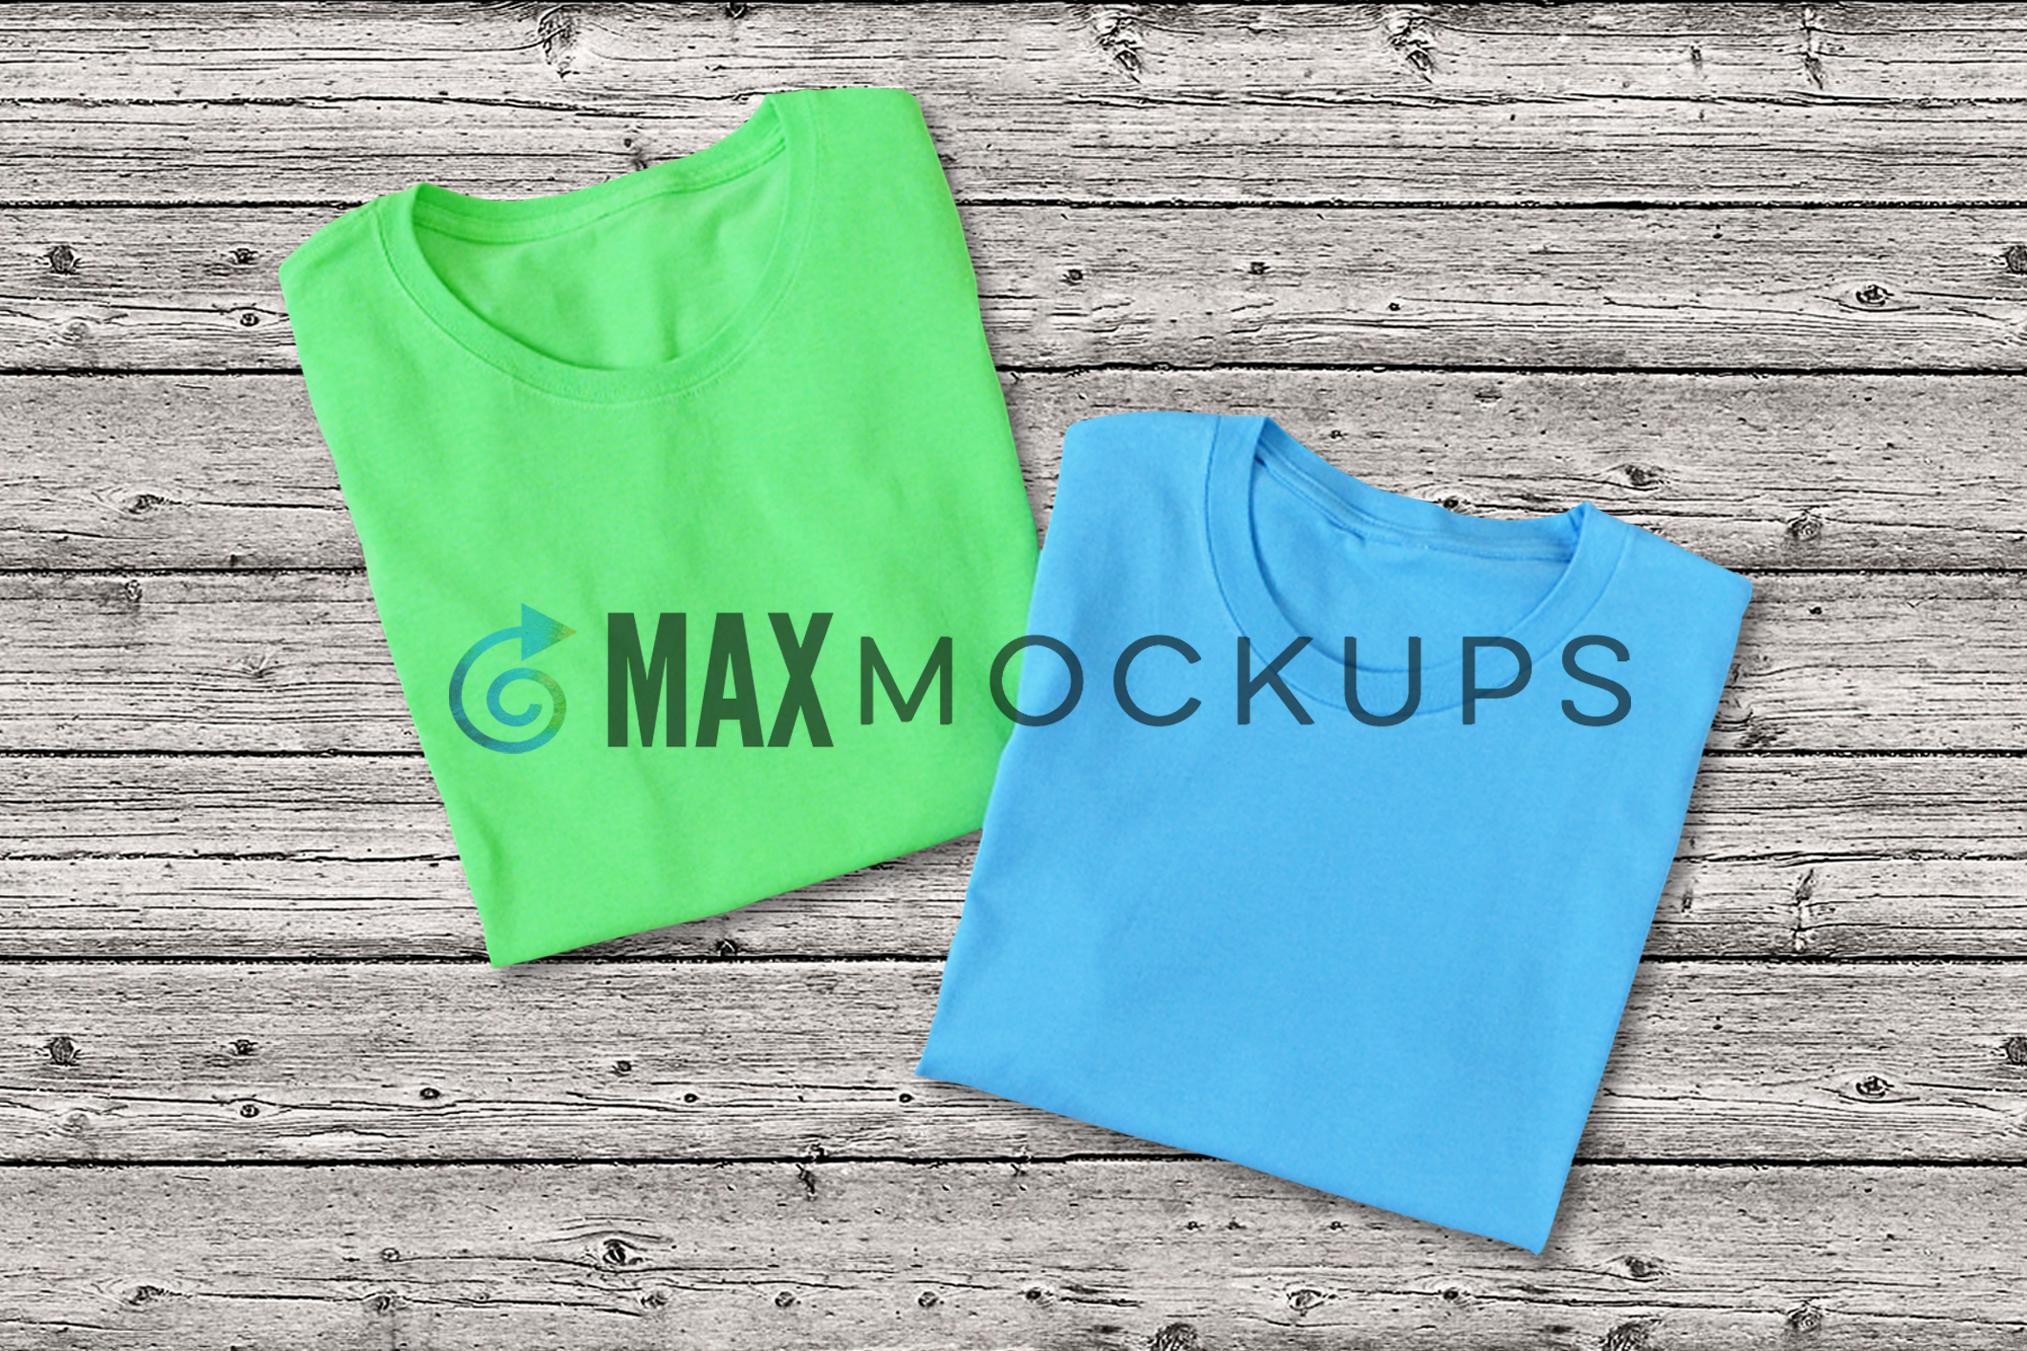 Green and Blue t-shirts Mockup, blank shirt flatlay photo example image 1